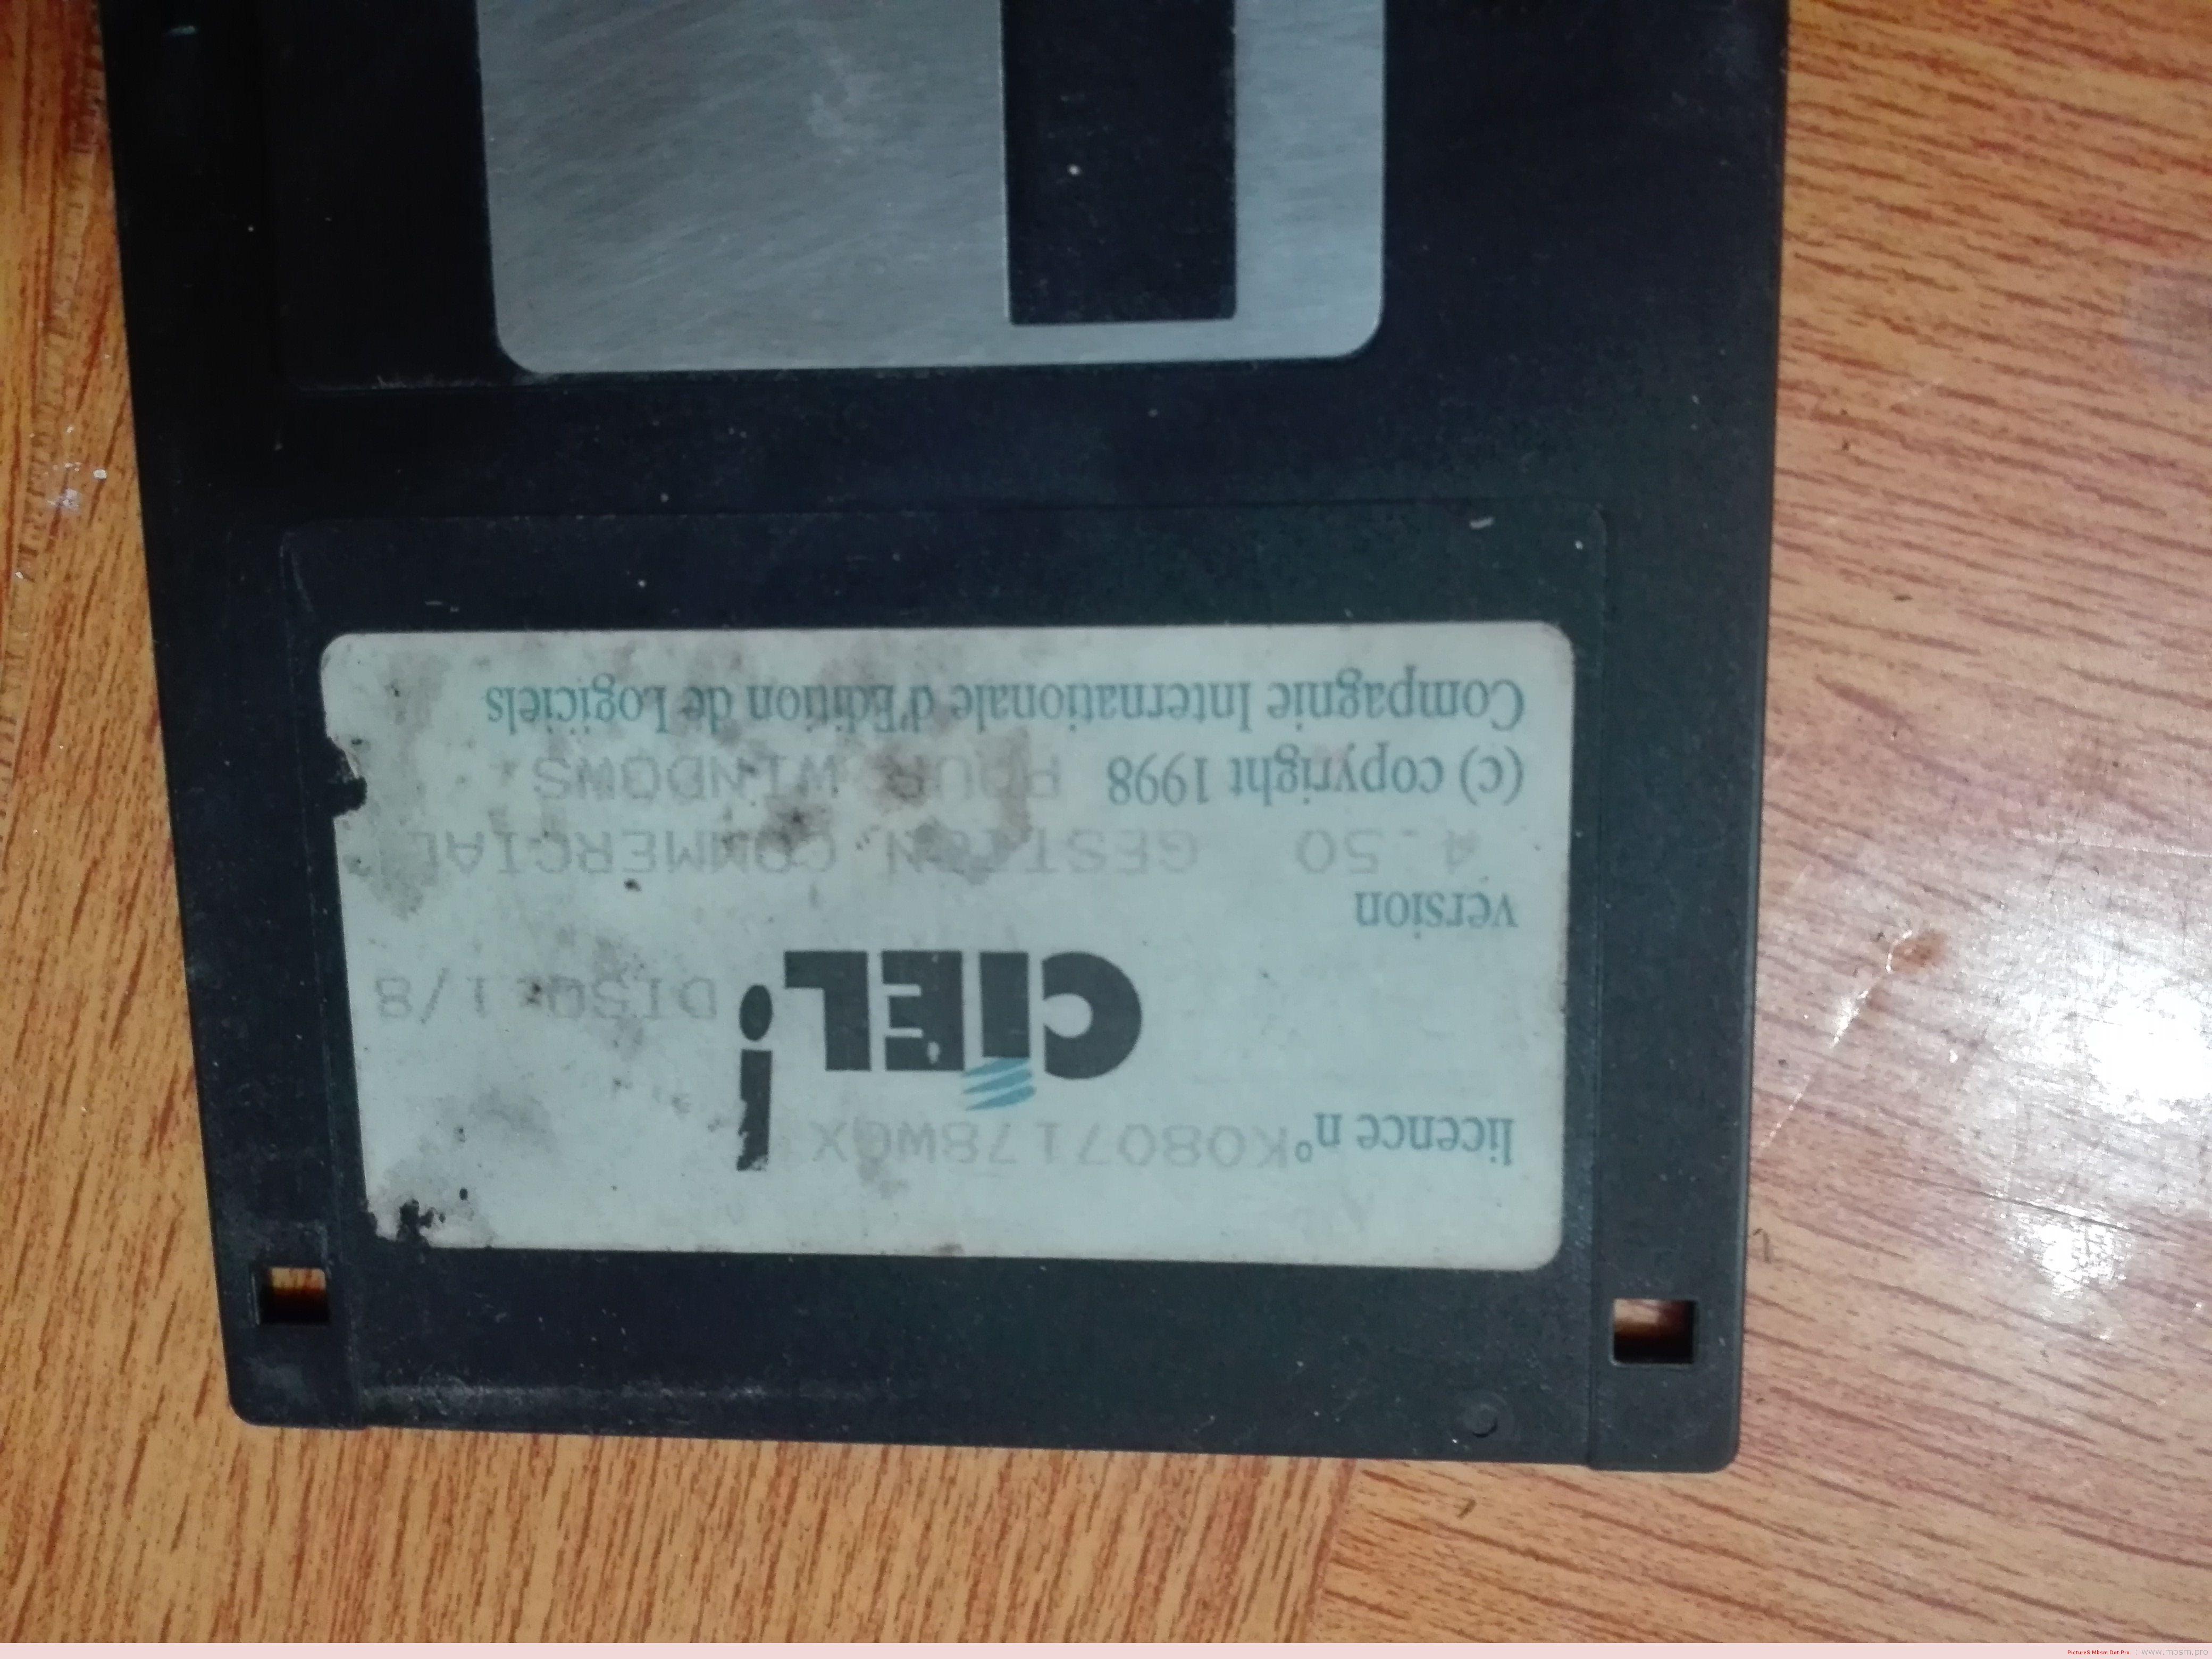 mbsm-dot-pro-mbsmpro-1998--la-premire-foie-je-touche-une-disquette-pc-et-jinstalle-un-logiciel